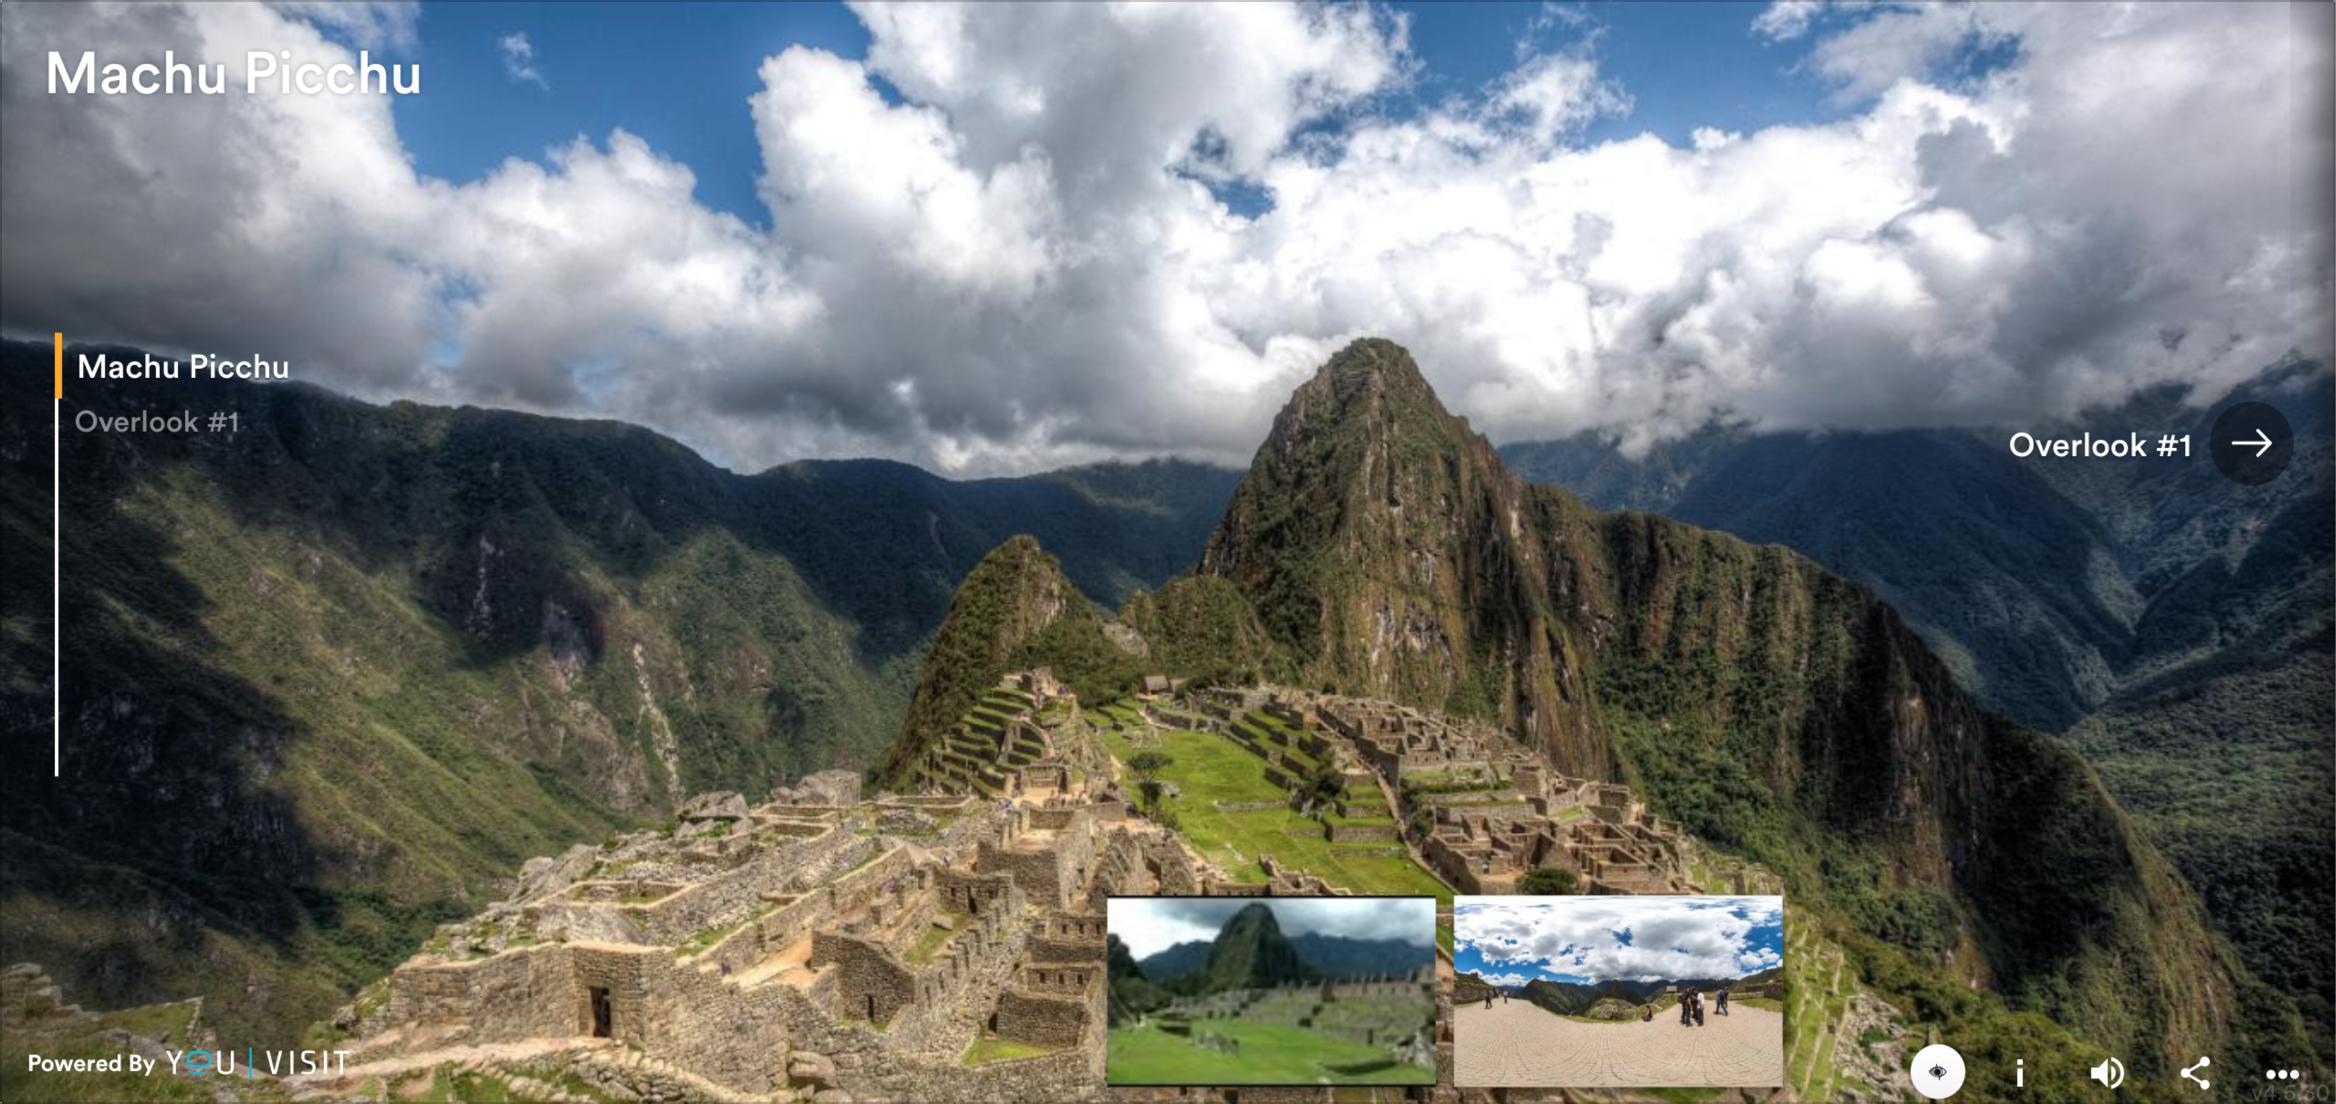 Machu Picchu screengrab